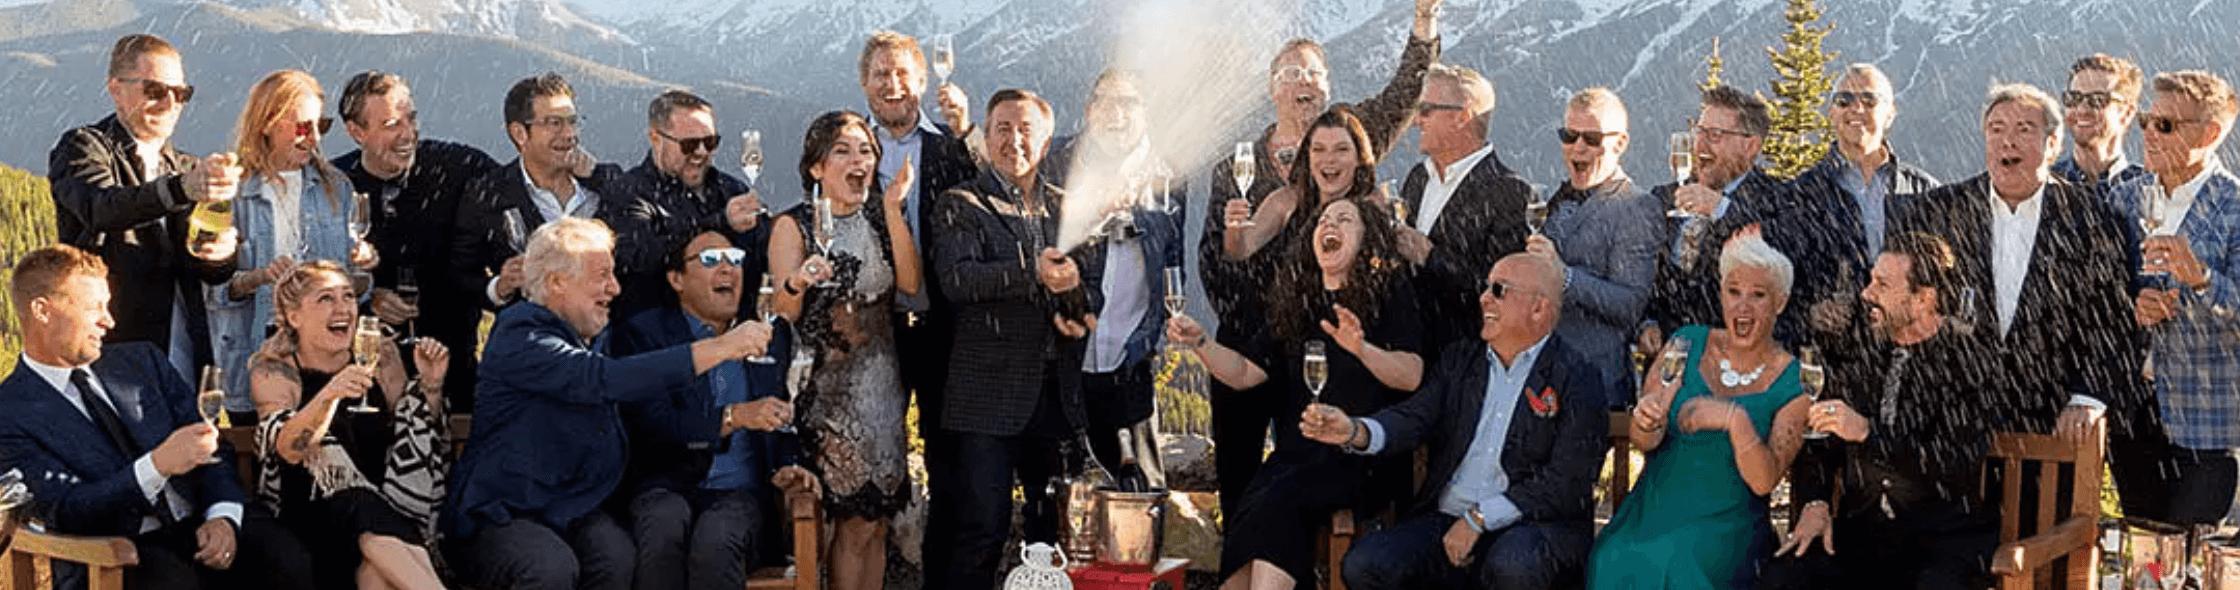 Key Takeaways From The 2018 Food & Wine Classic in Aspen